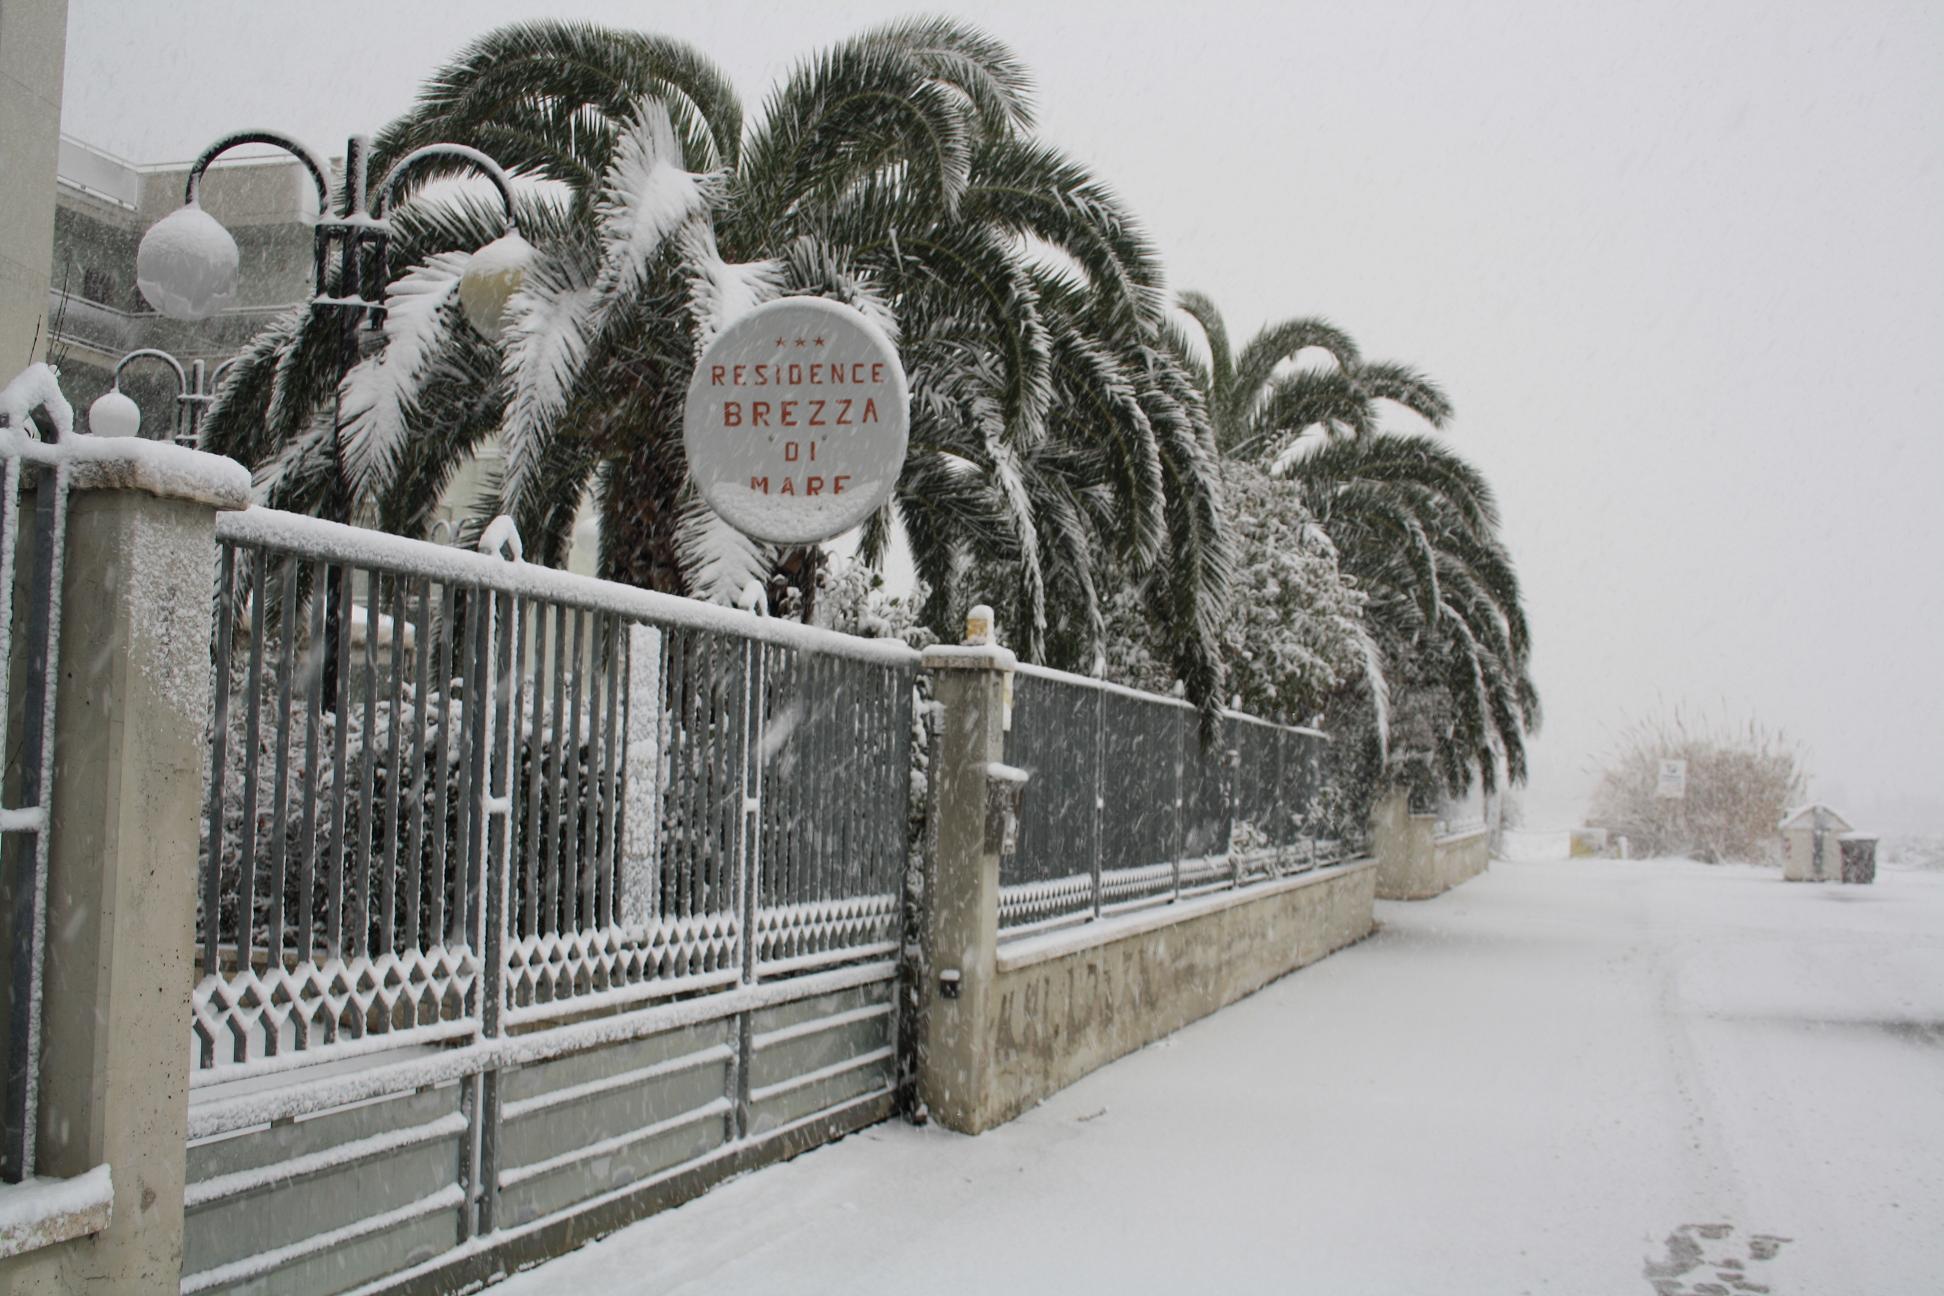 Via Laureati, Sentina, 3 febbraio 2012